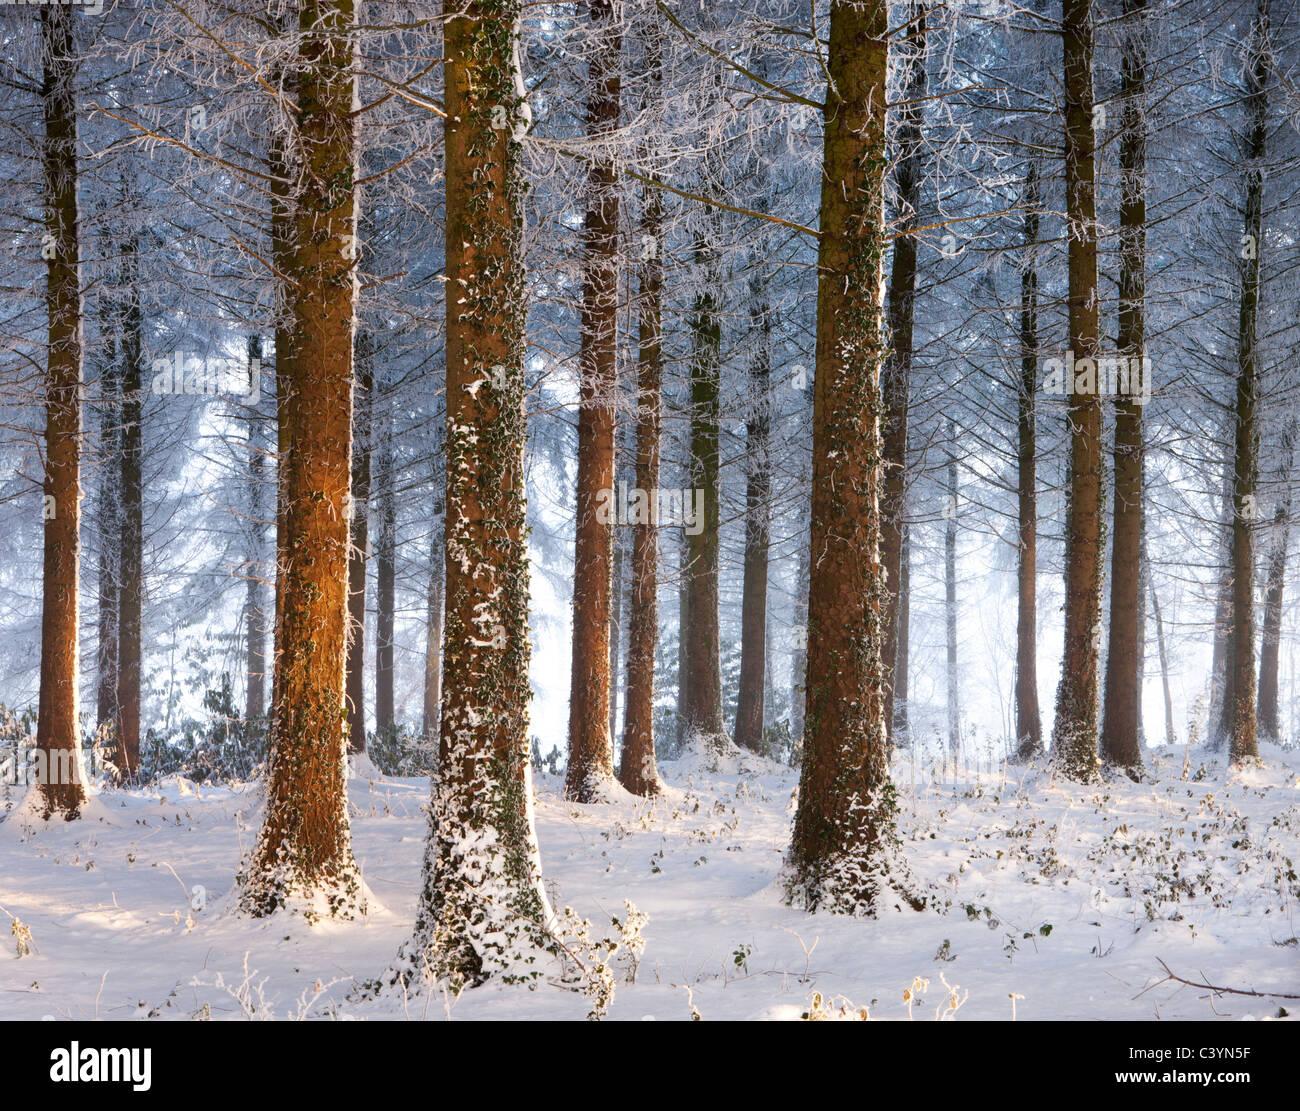 Cubiertas de nieve, bosques de pino, Madera de Morchard Morchard Bishop, Devon, Inglaterra. Invierno (diciembre Imagen De Stock